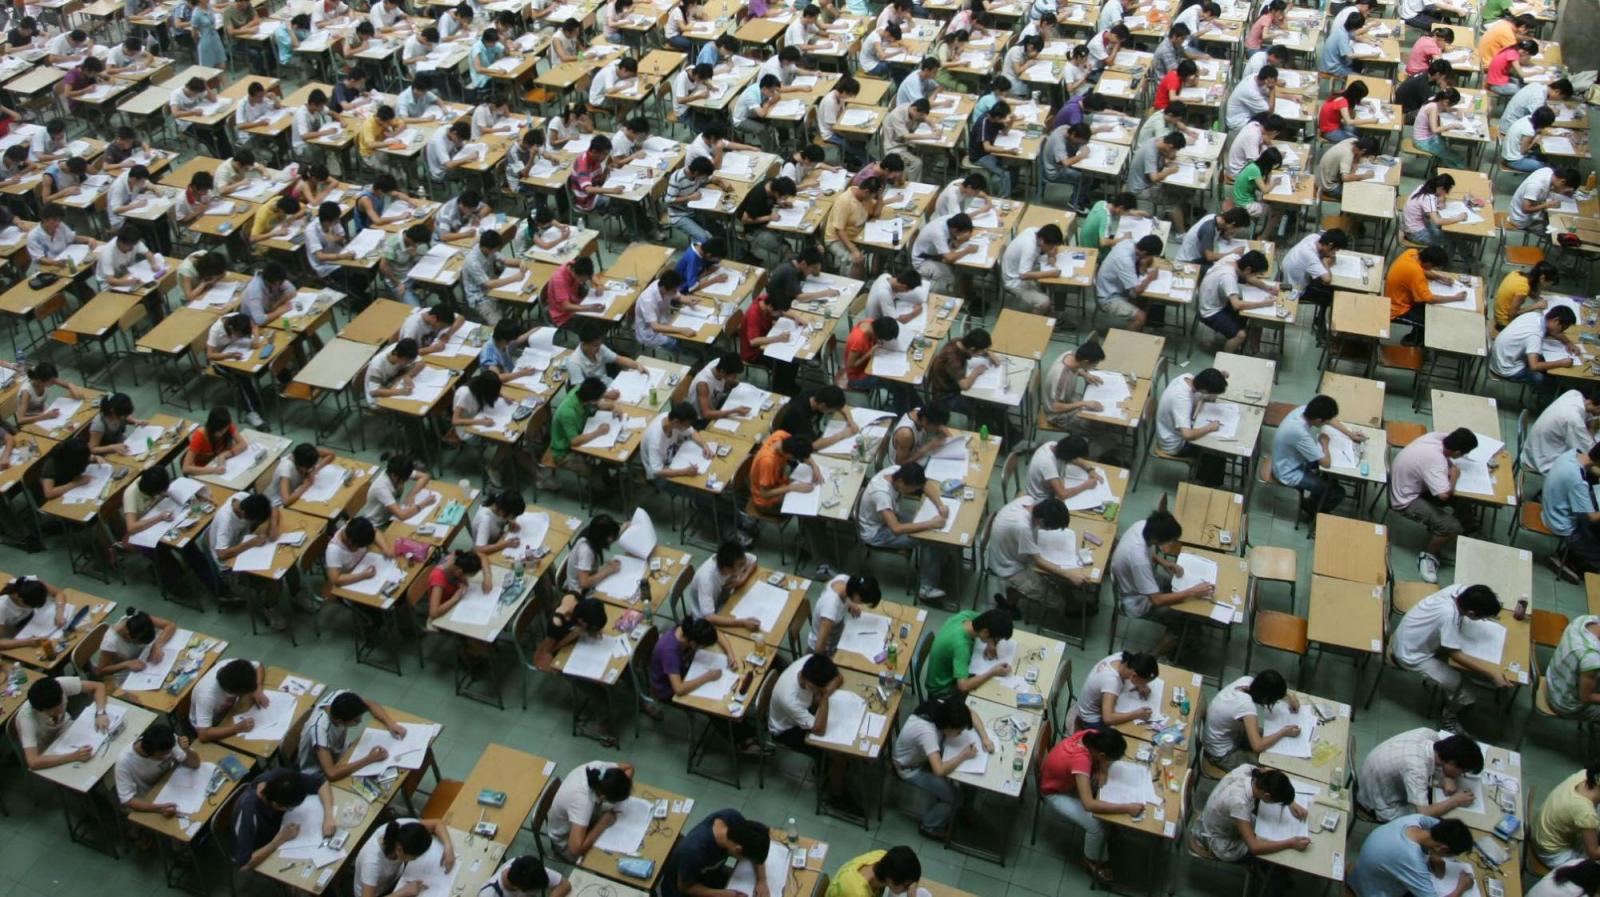 Immagine del gaokao, l'esame di ingresso all'università in Cina.